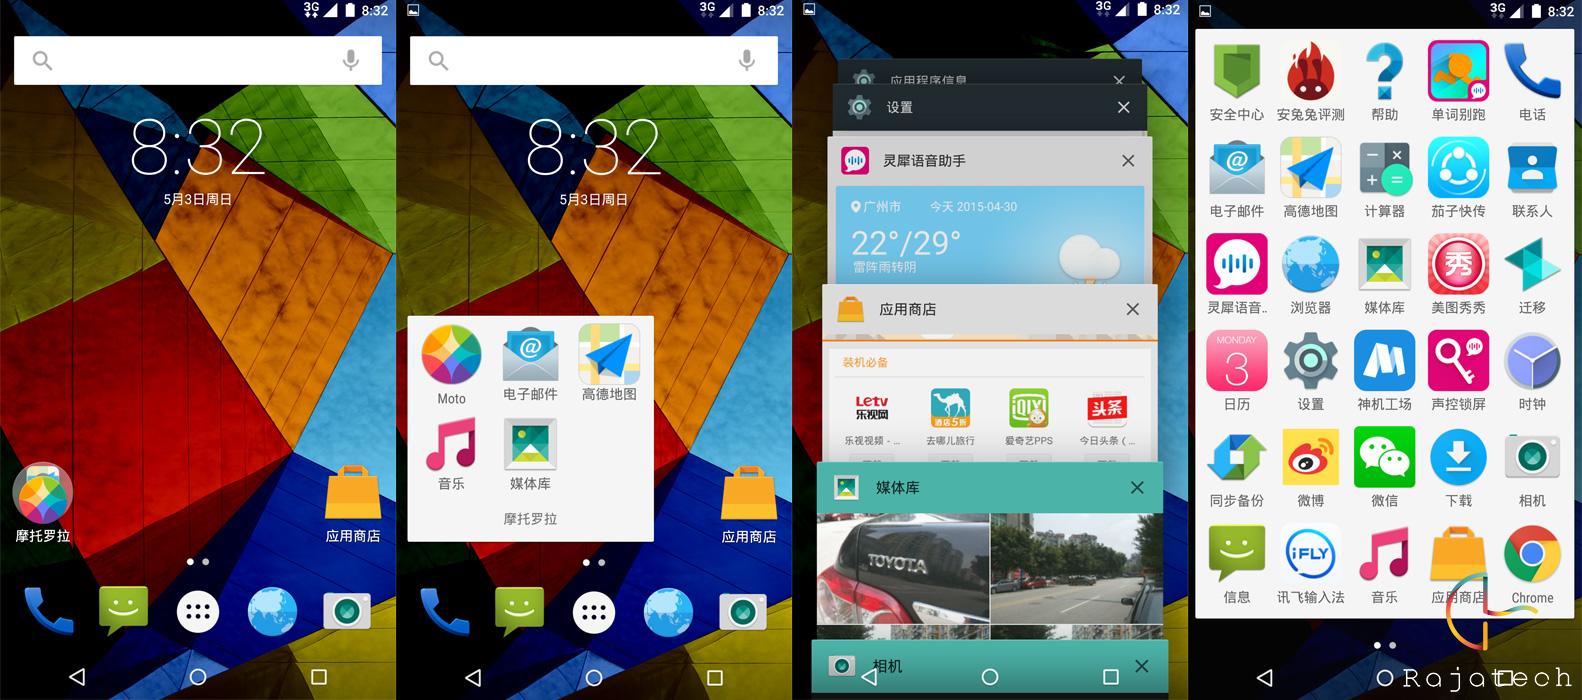 选择大不同,Moto X Pro评测体验